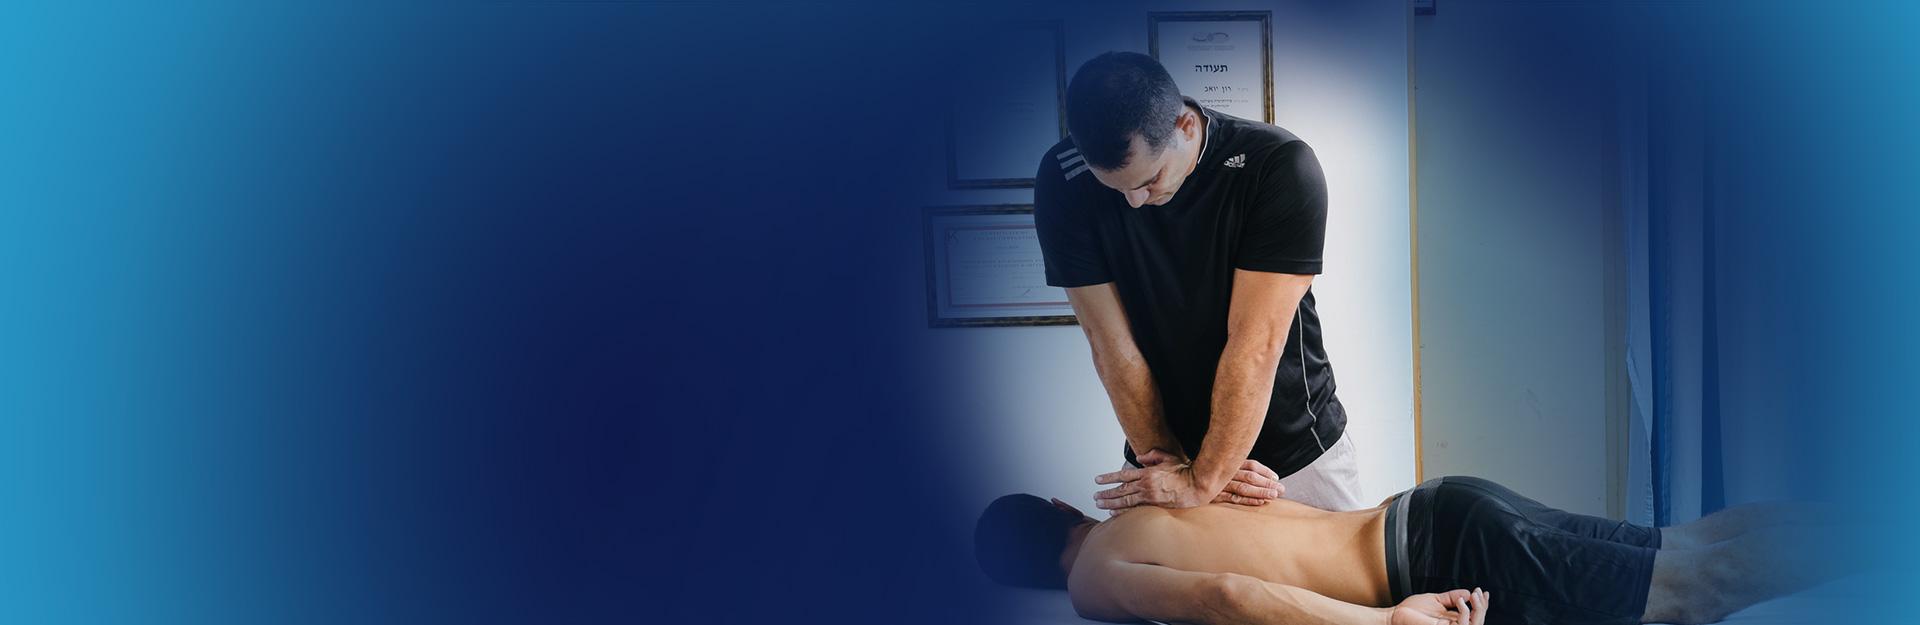 הורדת כאבים והפחתת עומסים בכאבי גב בקליניקה לפיזיותרפיה יואב רון